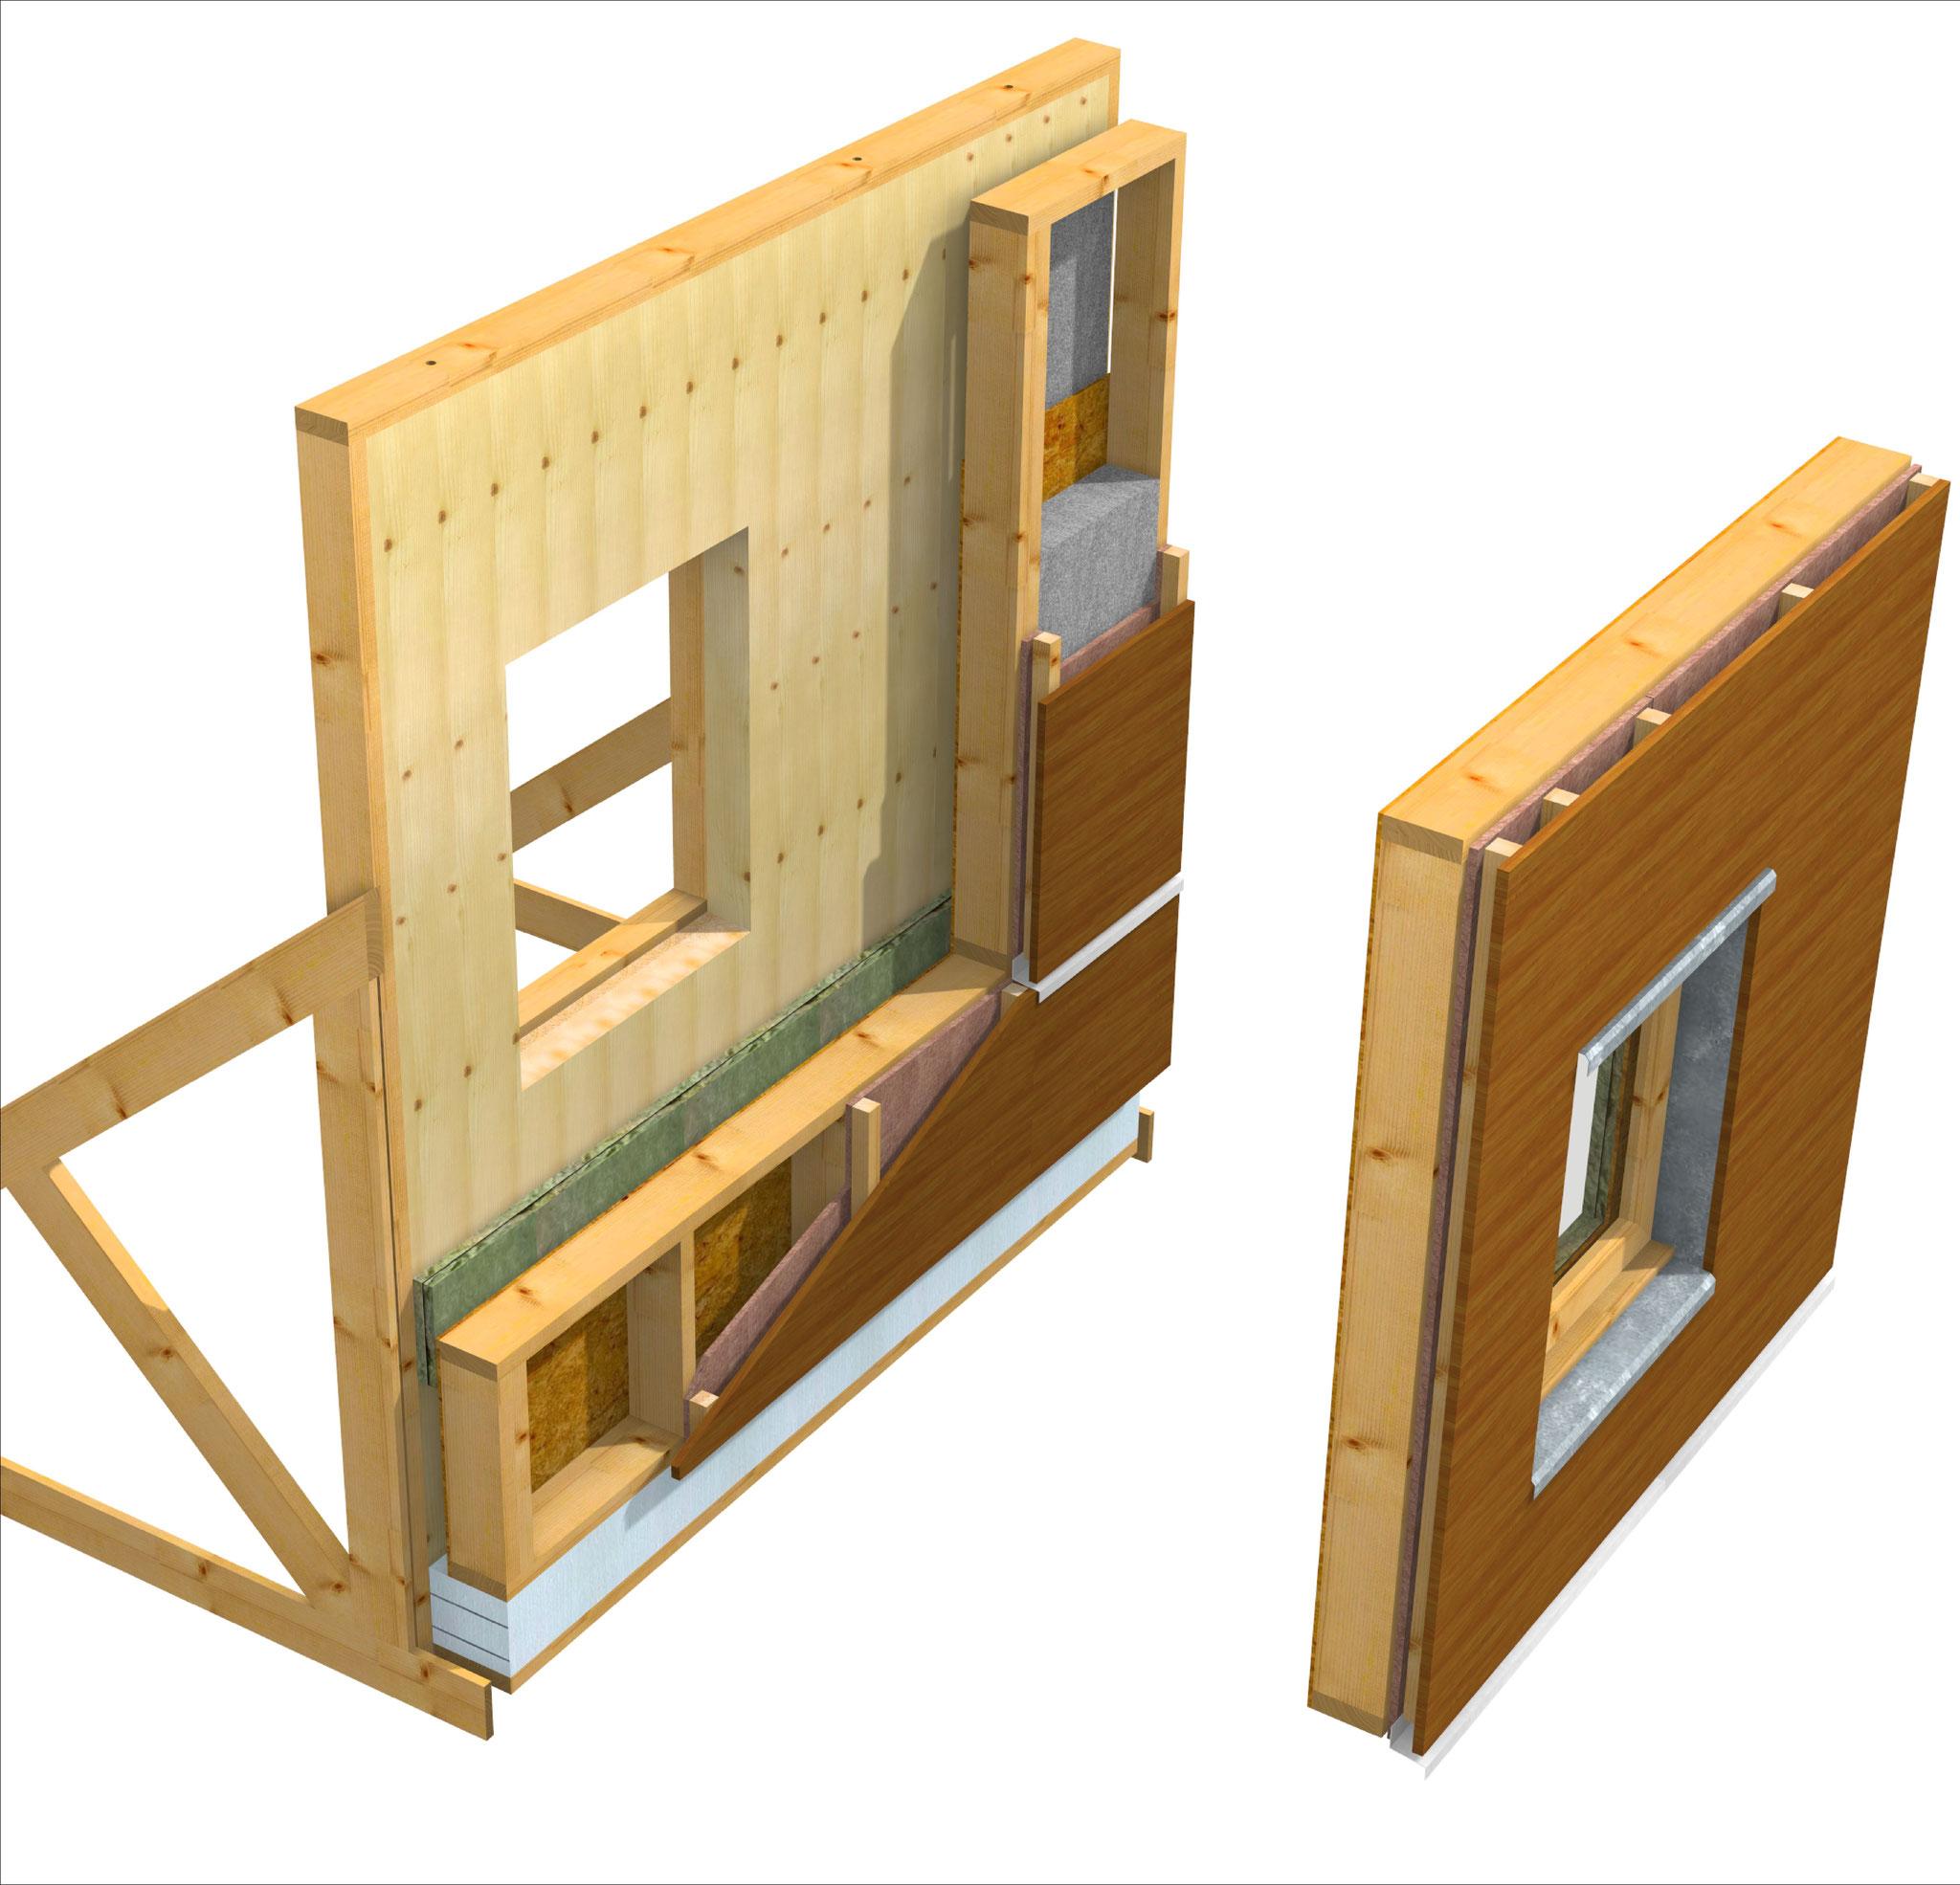 """ITE : OB + ouate de cellulose + panneaux fibres de bois pare-pluie + lame d'air + bardage bois - version """" préfa. """" vue éclatée"""